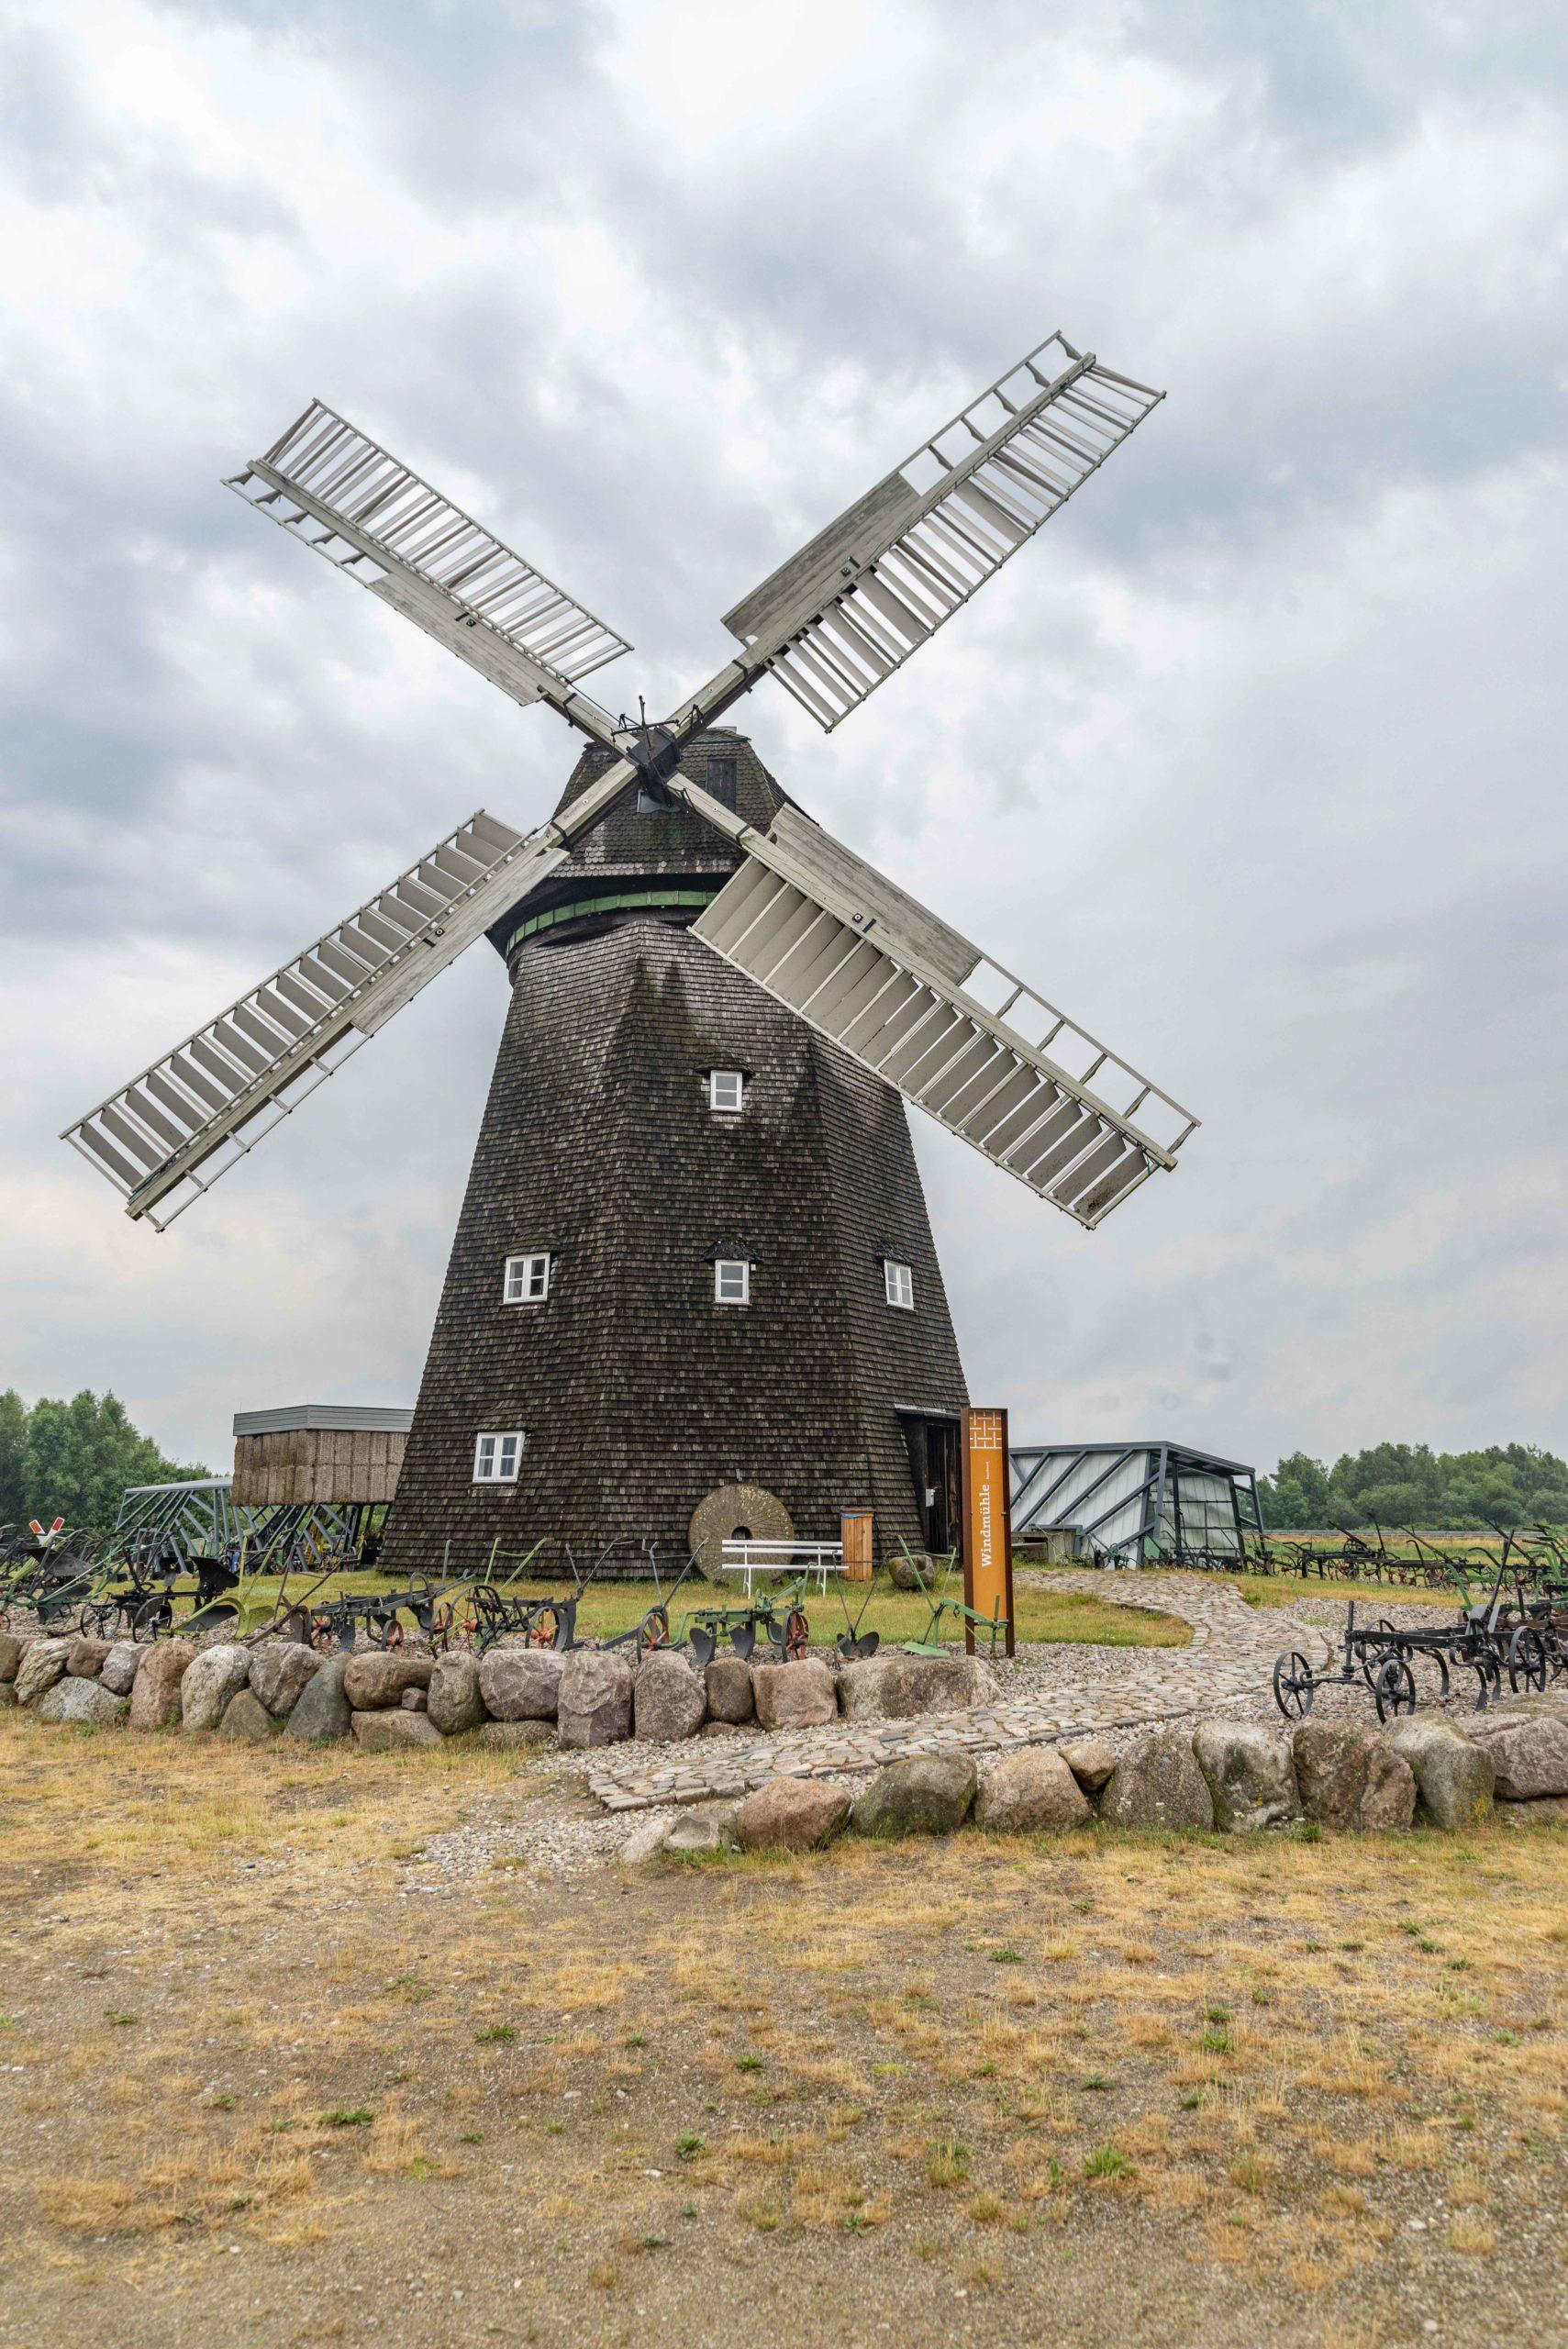 Windmühle von außen